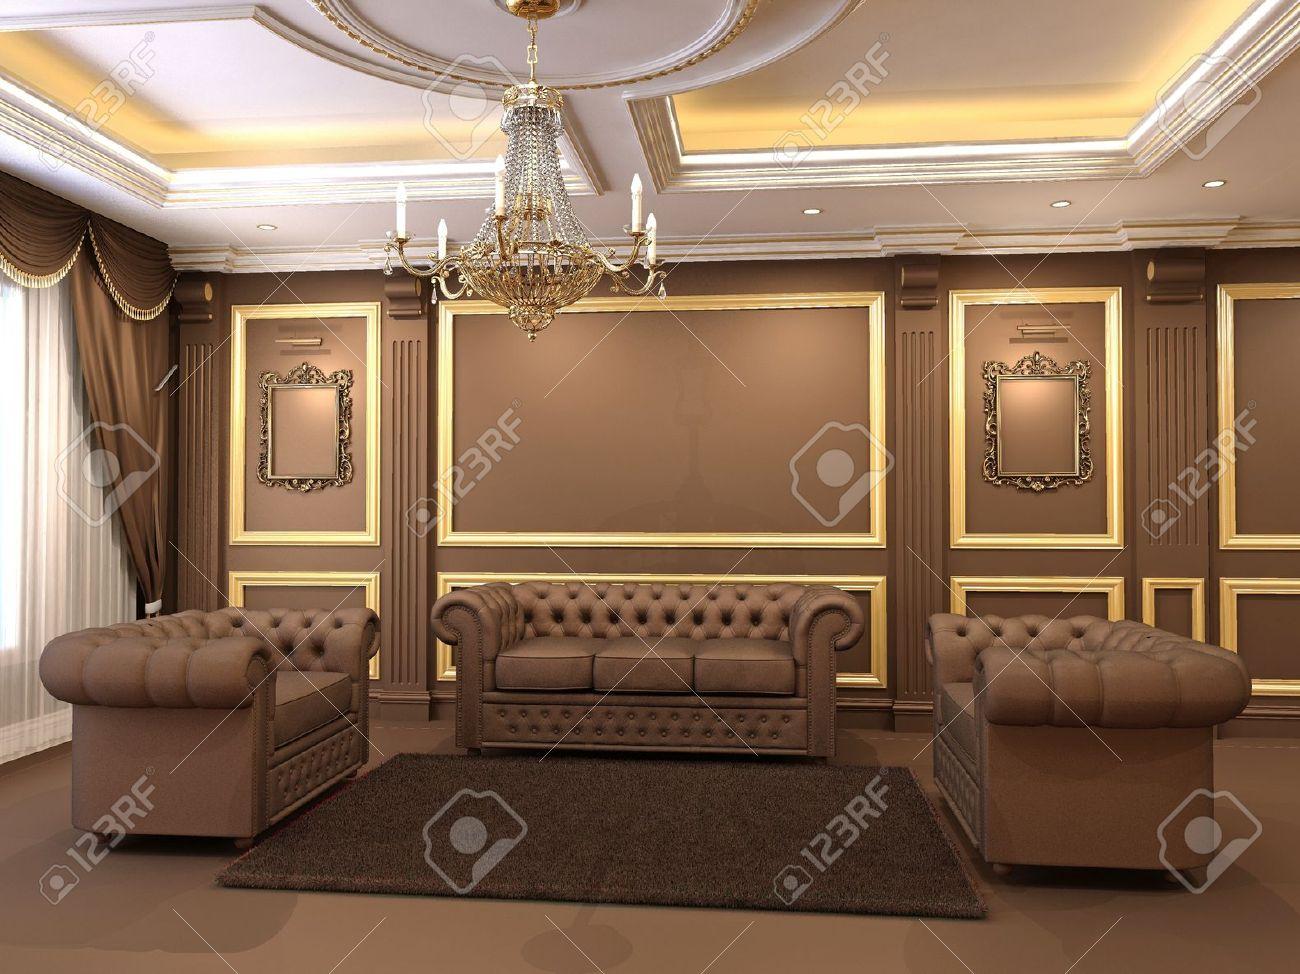 or un canap chesterfield dcoratifs et modernes avec des fauteuils l intrieur appartement royal lustre structure des plafonds